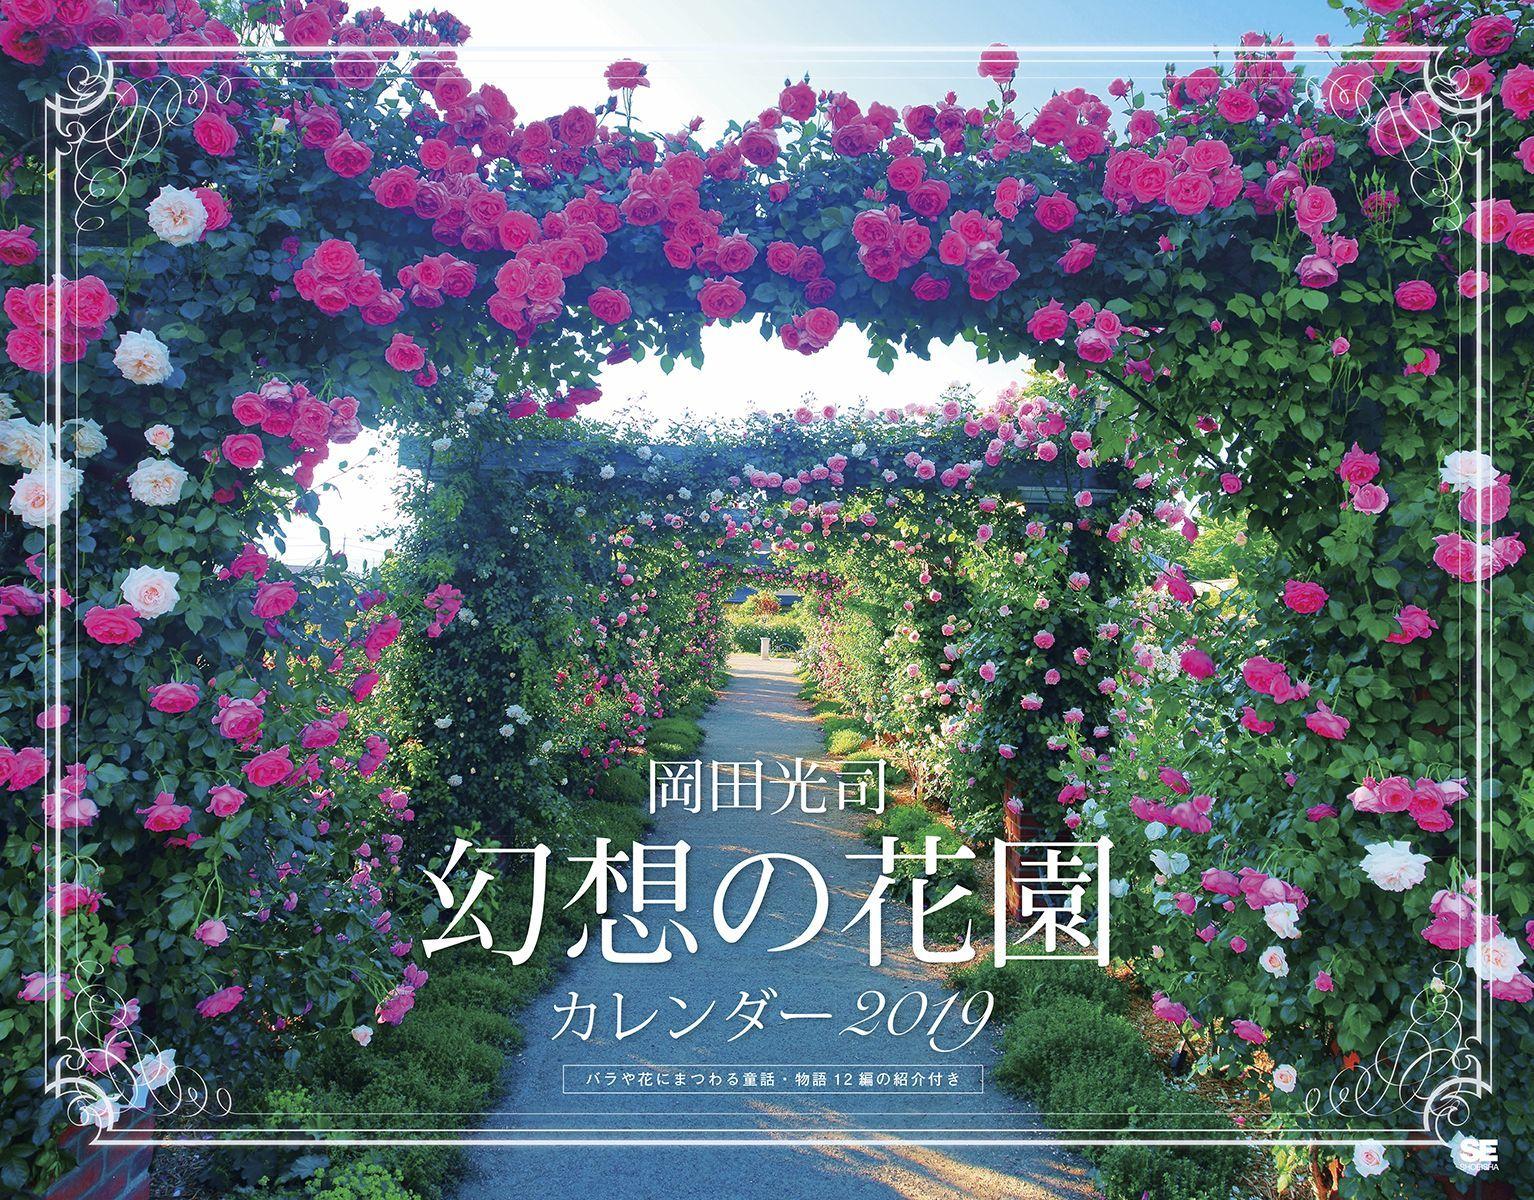 岡田光司 幻想の花園 カレンダー 2019(翔泳社)